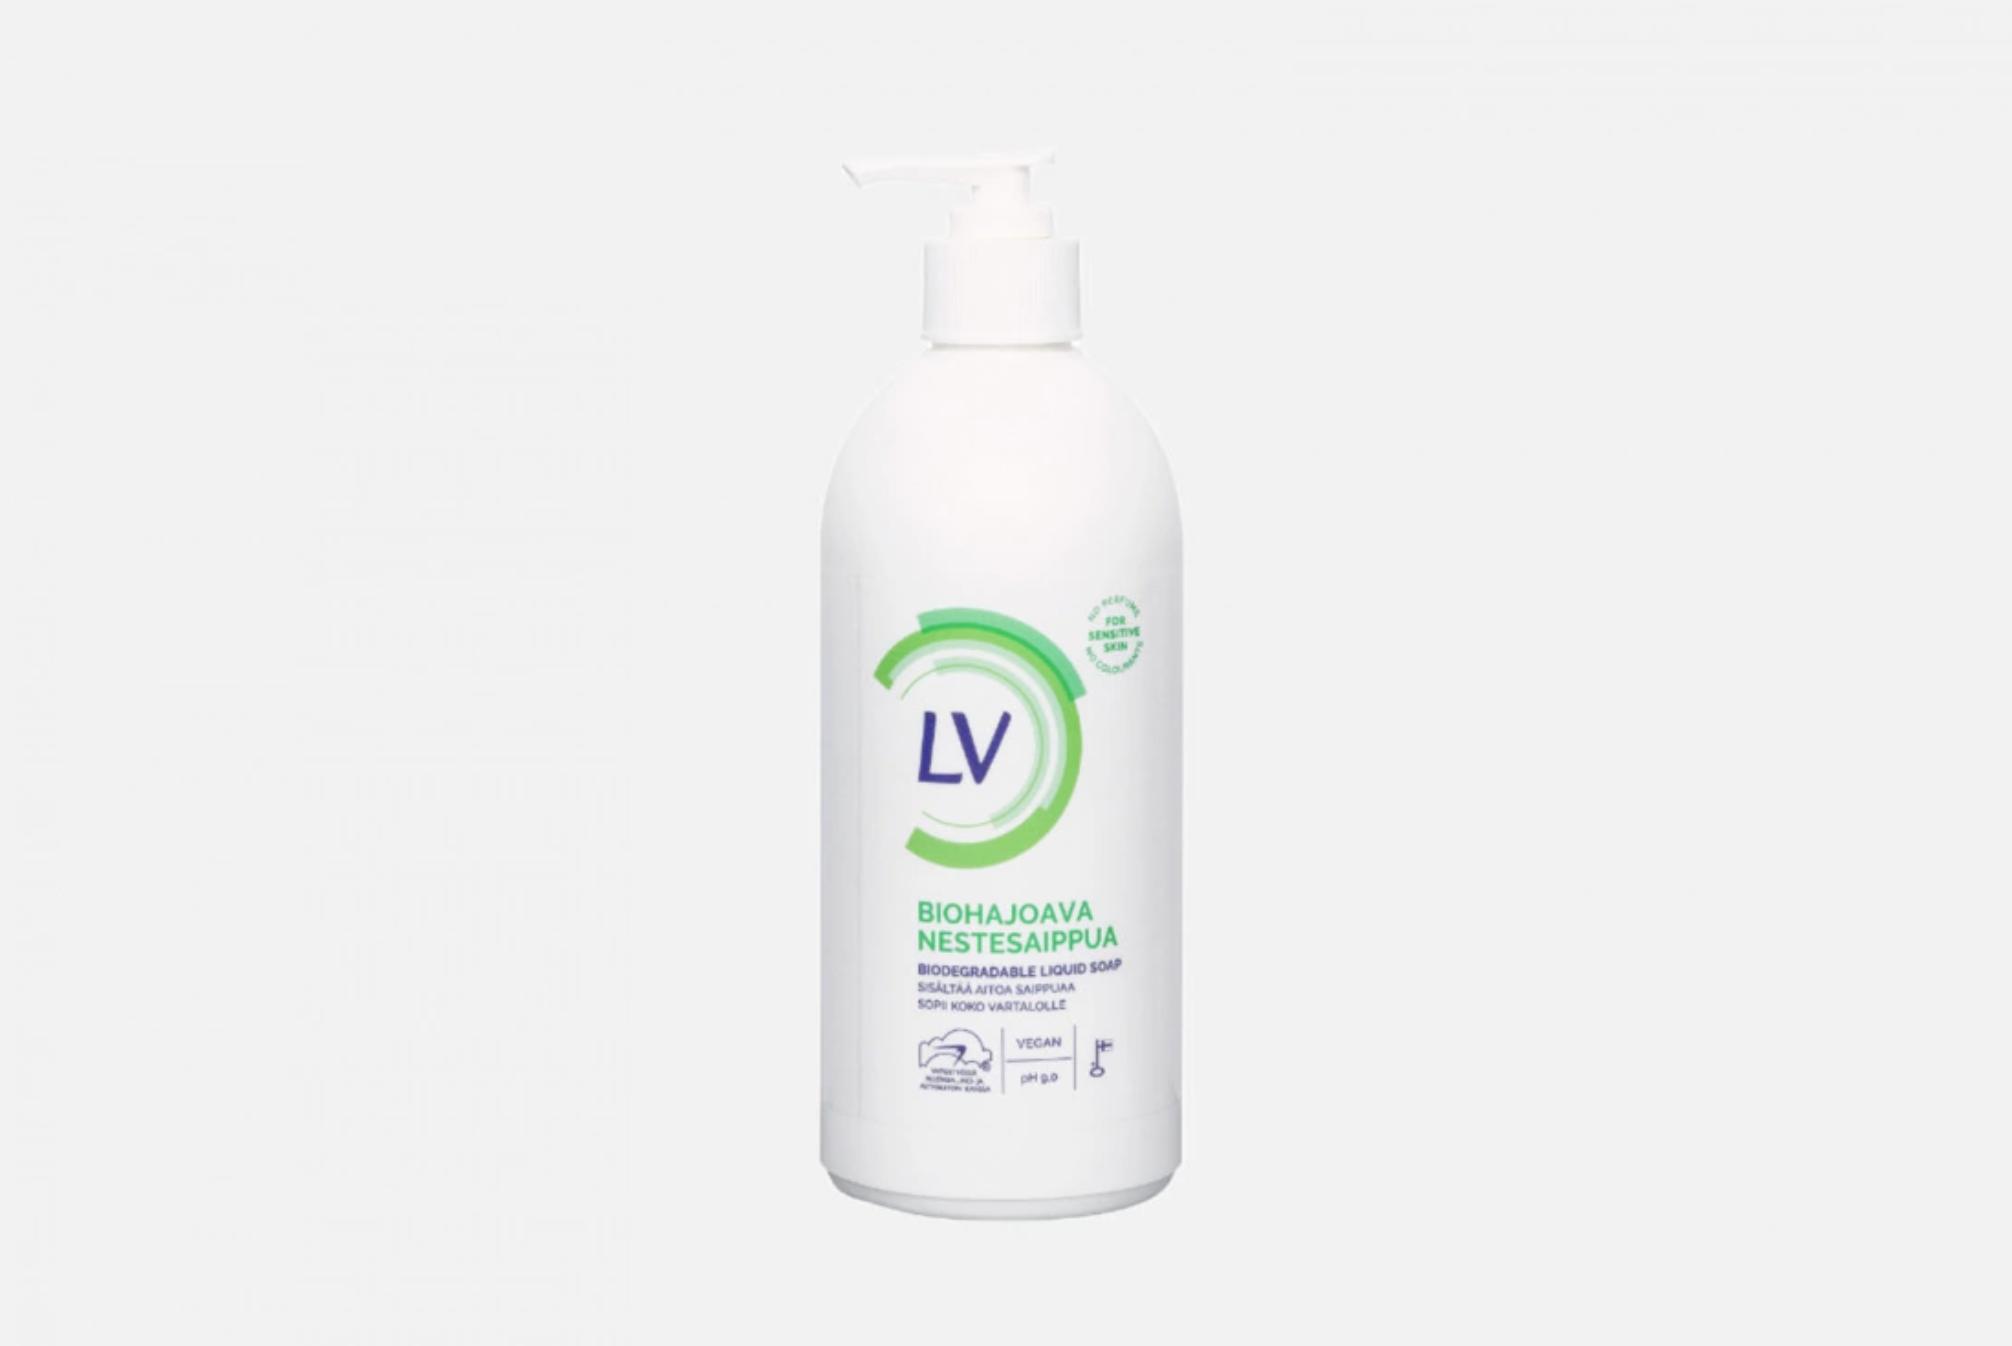 Жидкое мыло от LV Berner